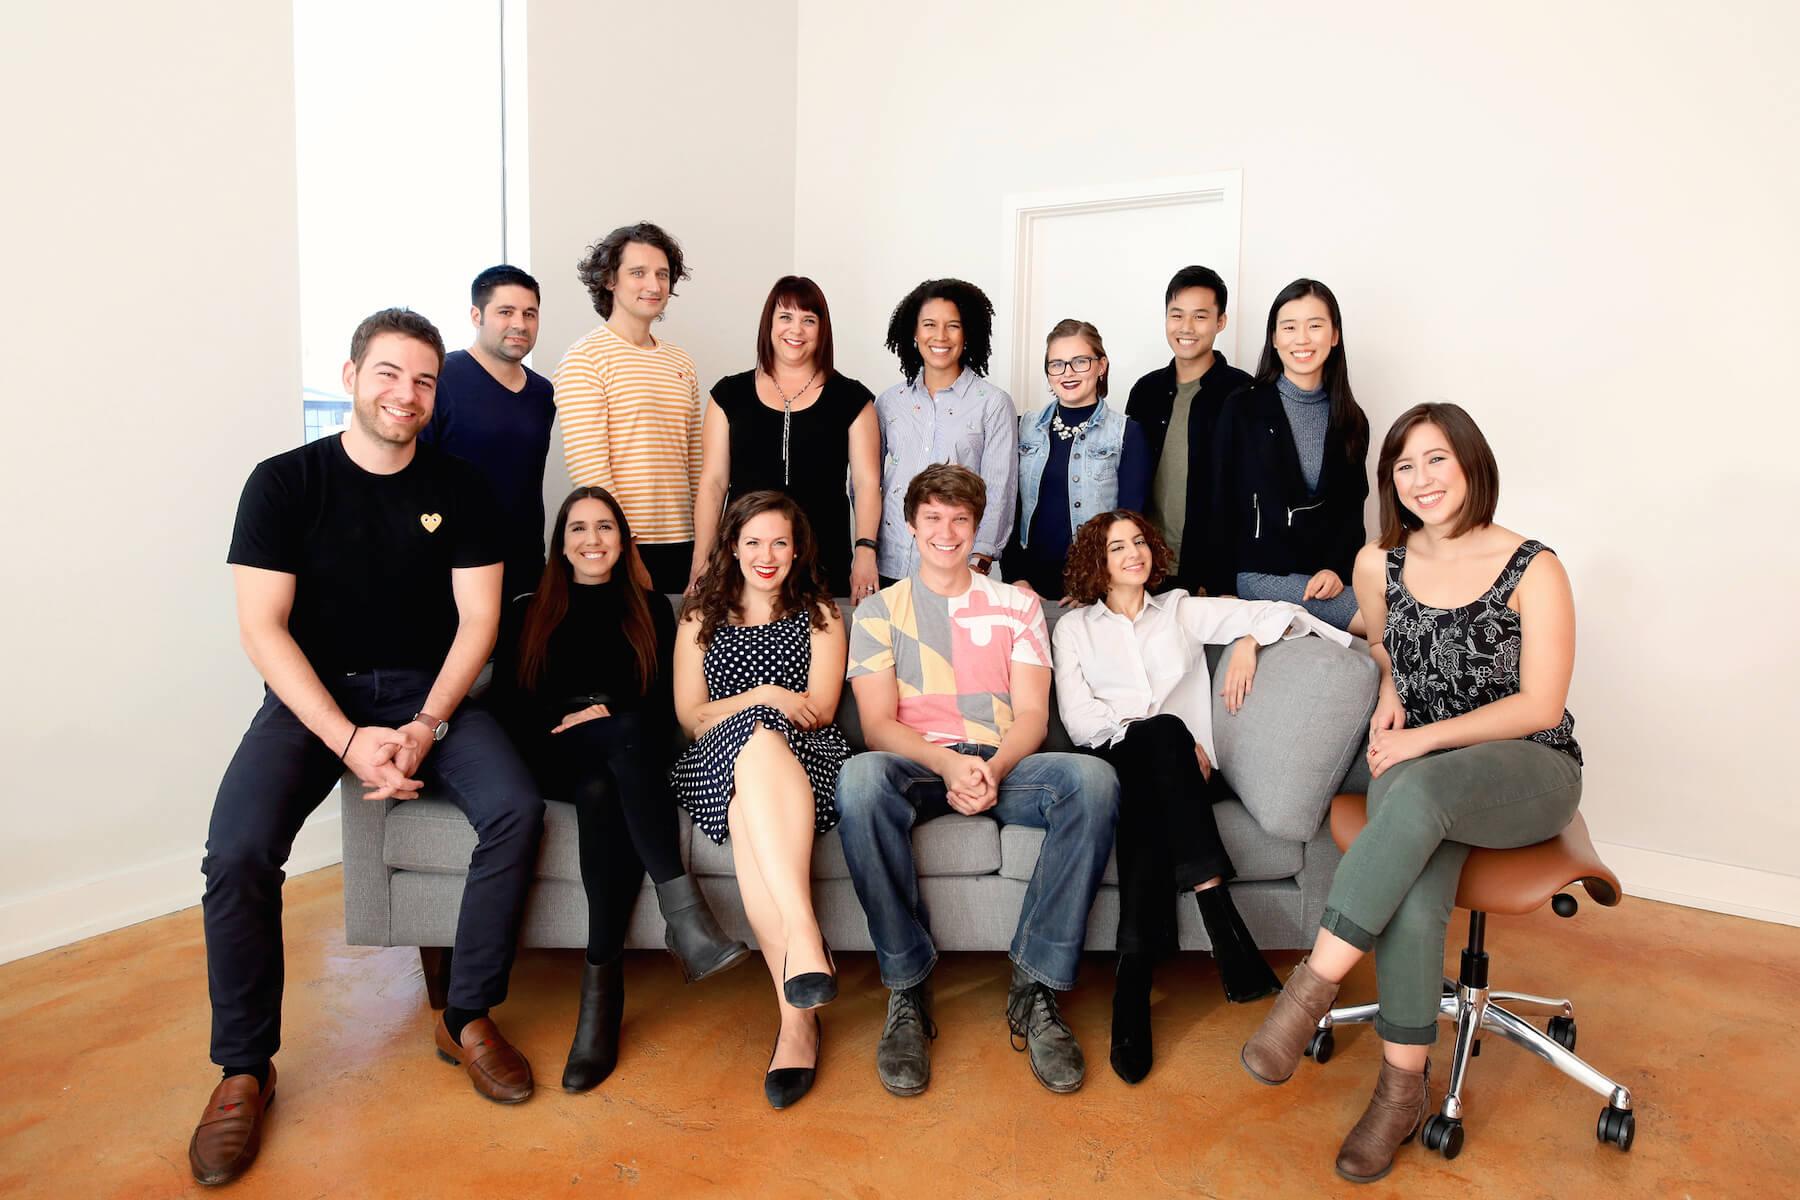 Nurx har vokst mye i løpet av et drøyt år. Her er hele teamet representert fra hovedkontoret i San Francisco.